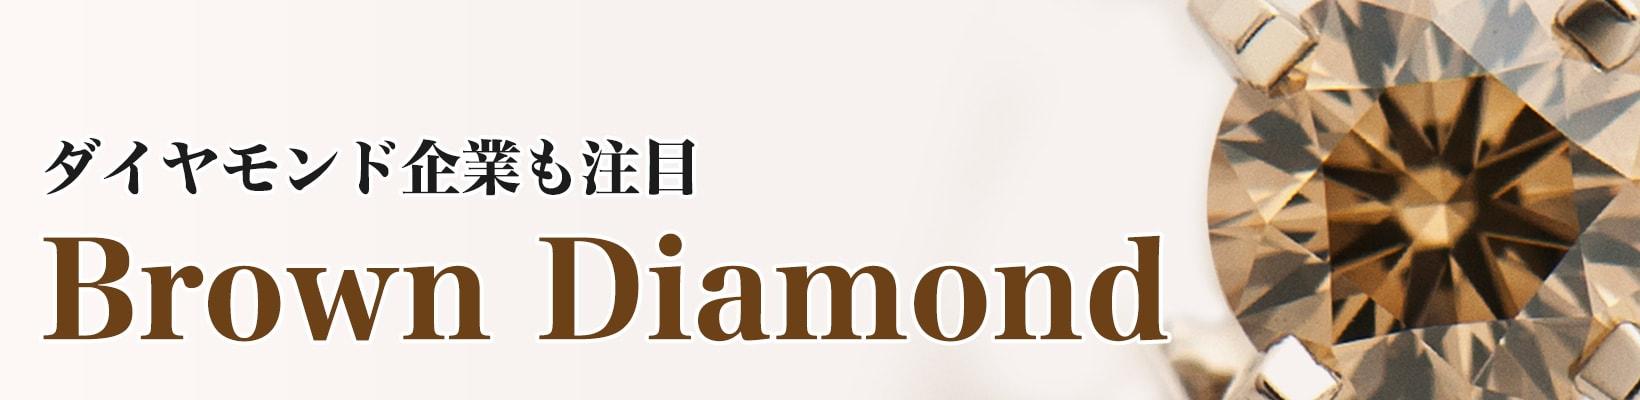 【ダイヤモンド企業も注目】ブラウンダイヤ